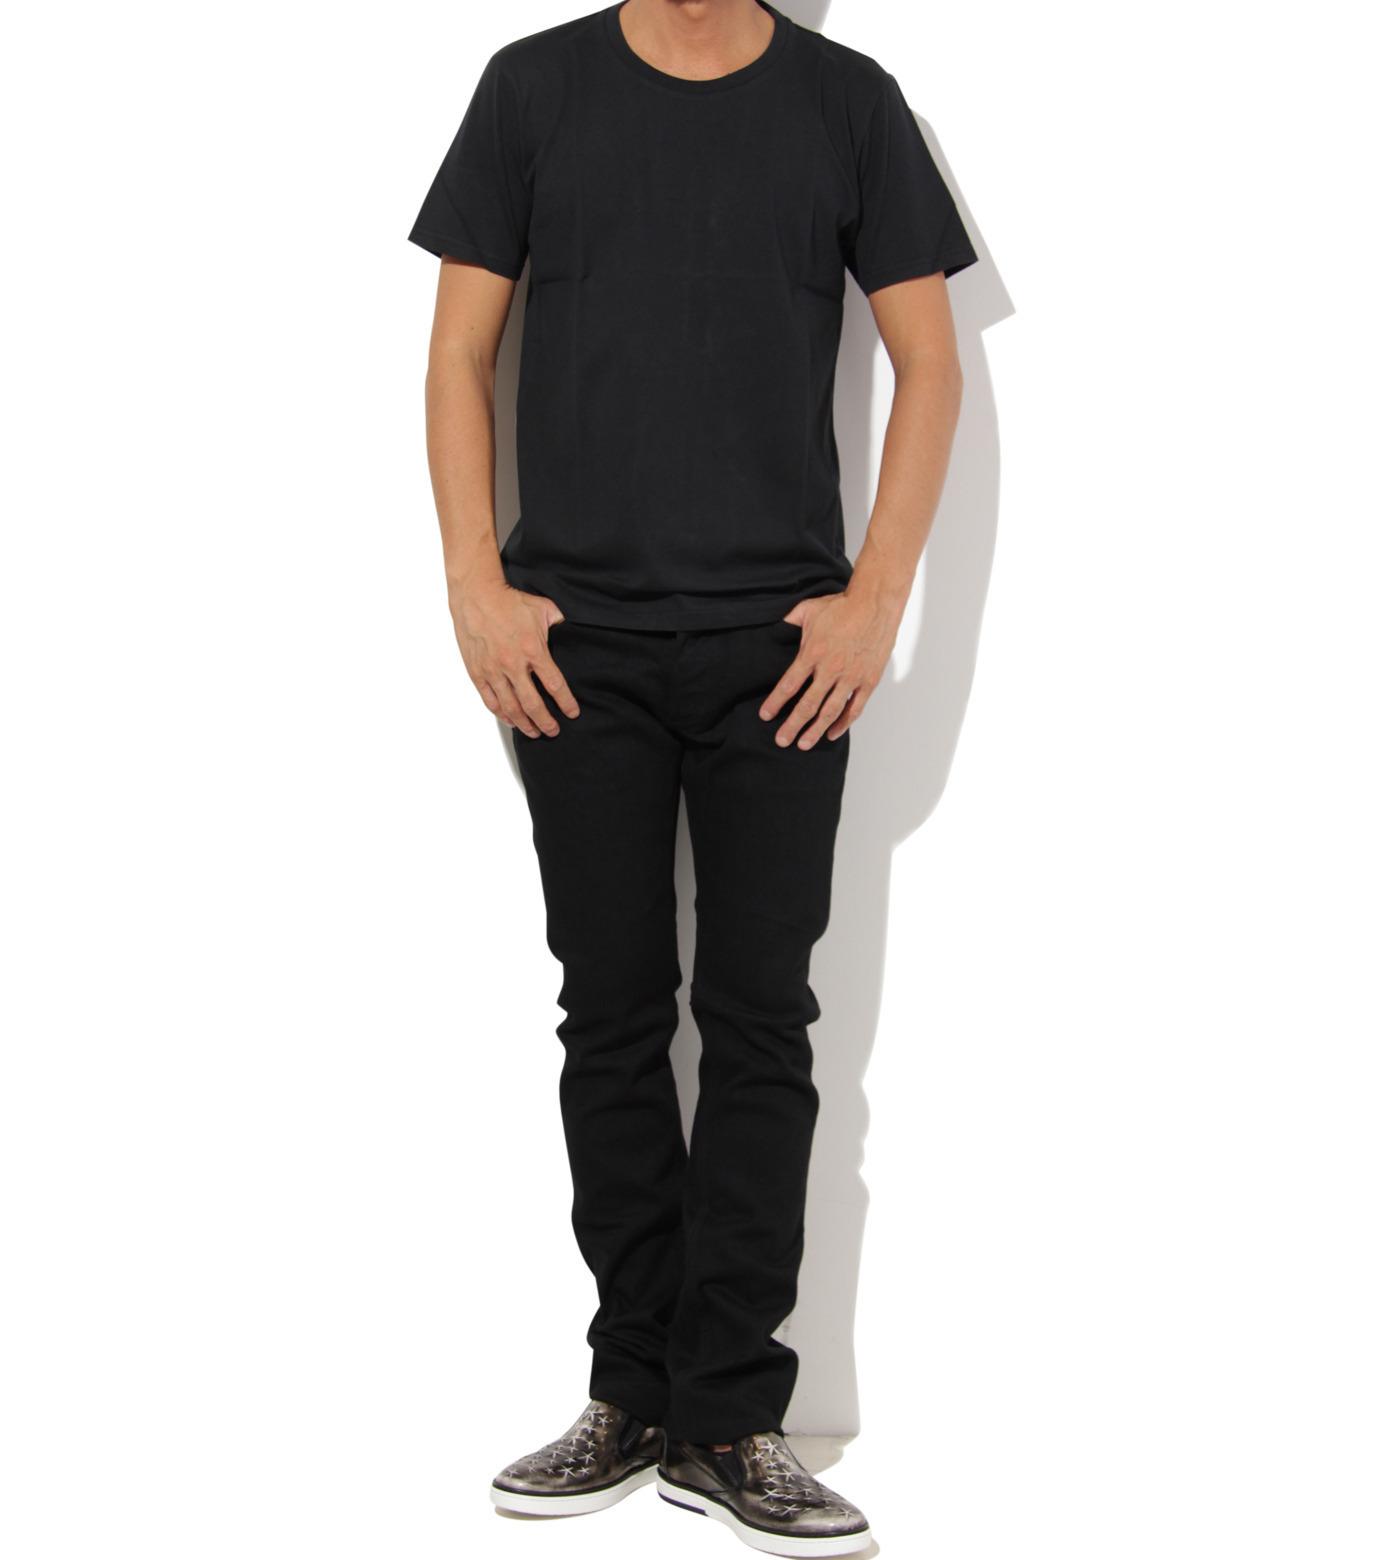 Heddie Lovu(エディー ルーヴ)のU NECK 【MACHO】-BLACK(カットソー/cut and sewn)-ST-M1-00-14A 拡大詳細画像2